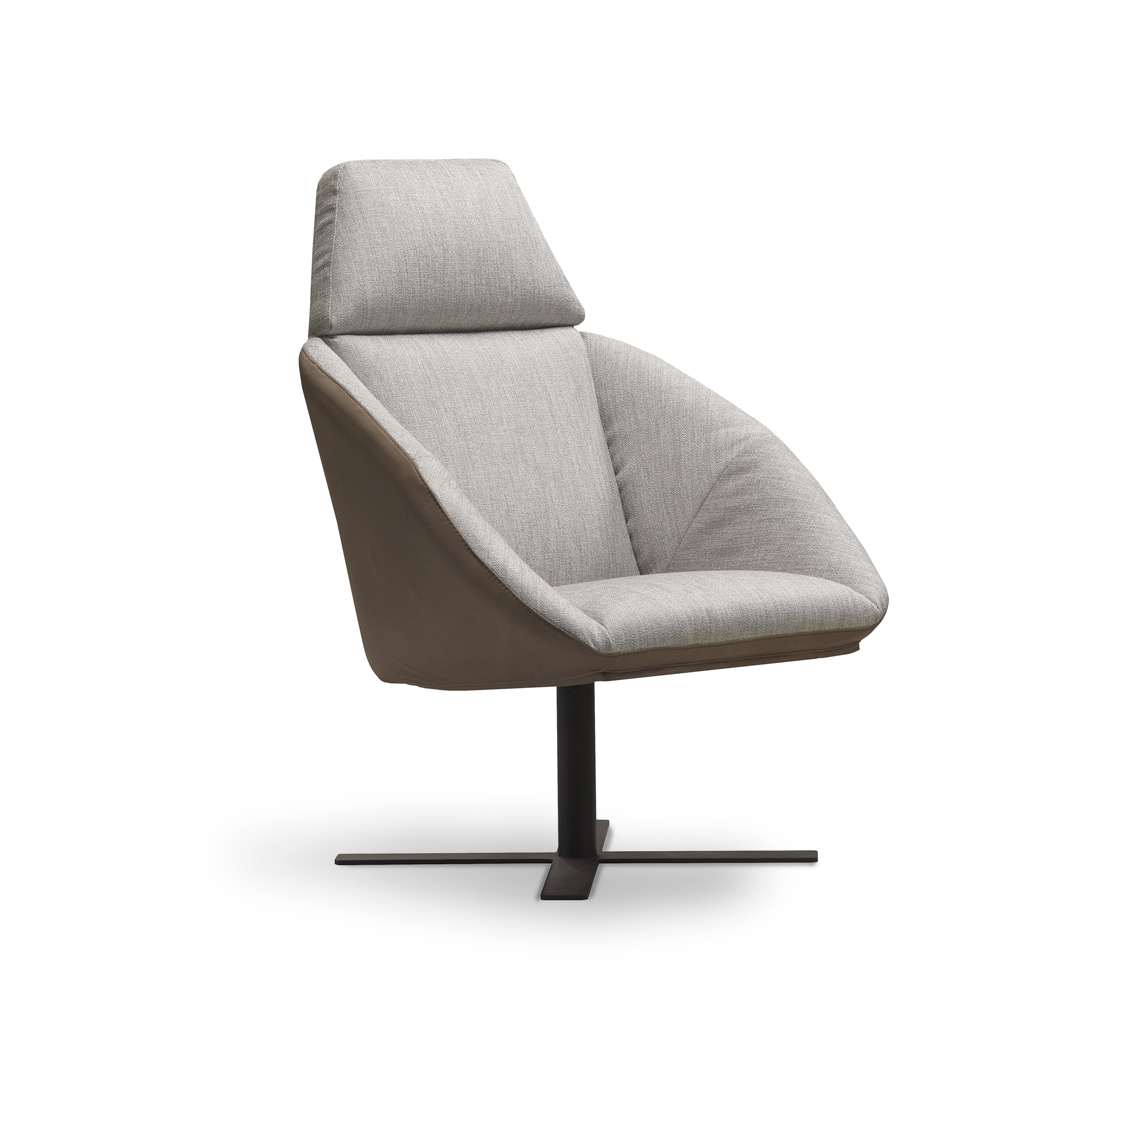 Modernūs minkšti svetainės baldai krėsliukas Caiman